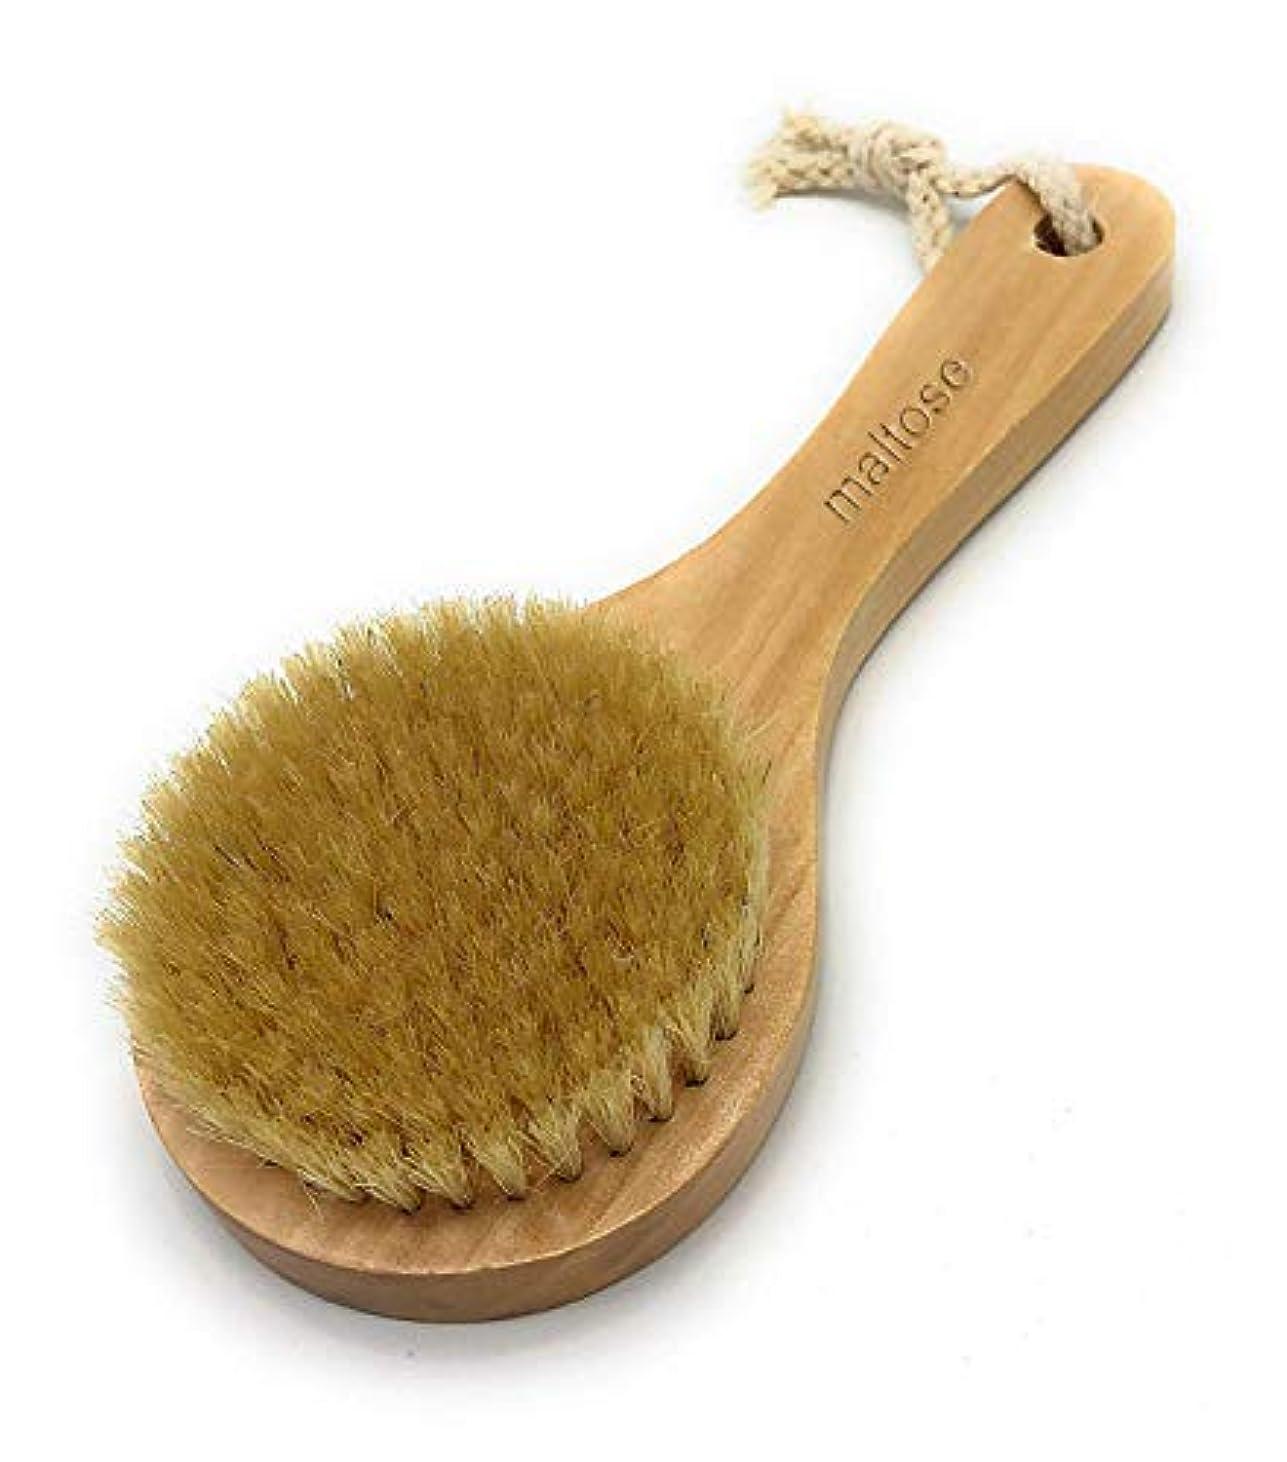 枝審判作りますMaltose 豚毛ボディブラシ 木製 天然素材 短柄 お風呂用 体洗いブラシ 足洗い 角質除去 美肌 耳栓 ギフト包装